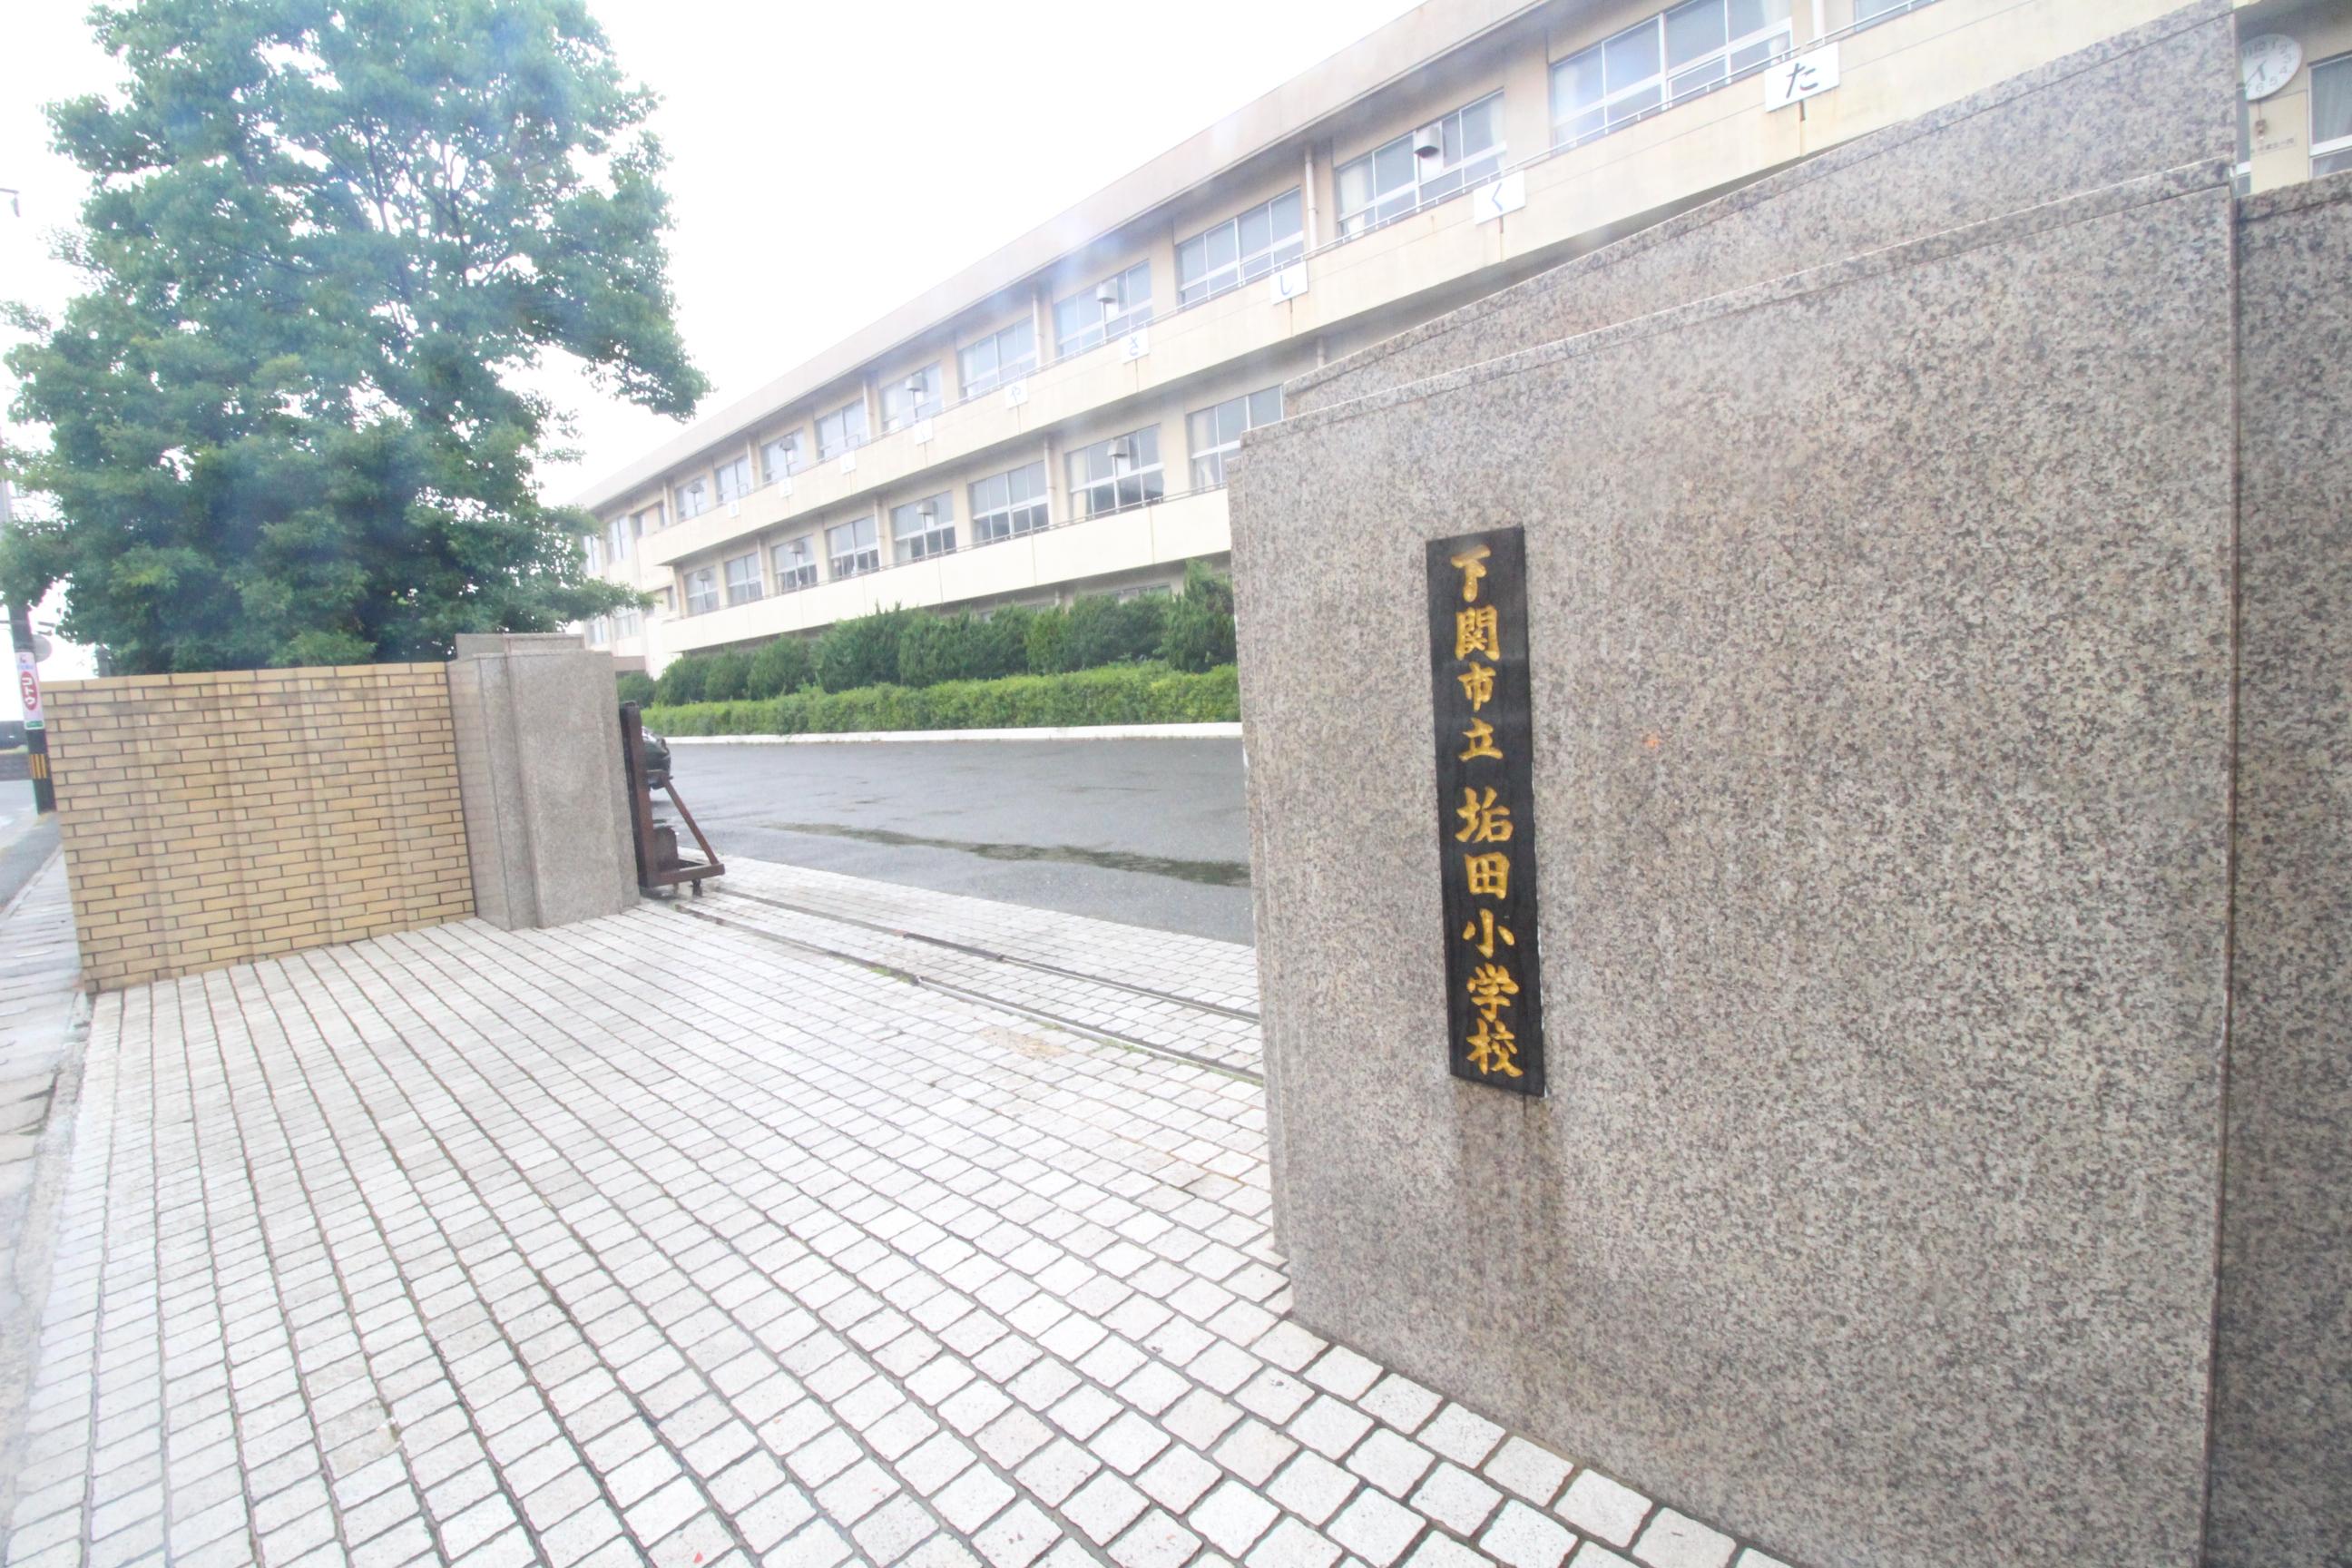 小学校:下関市立垢田小学校 1246m